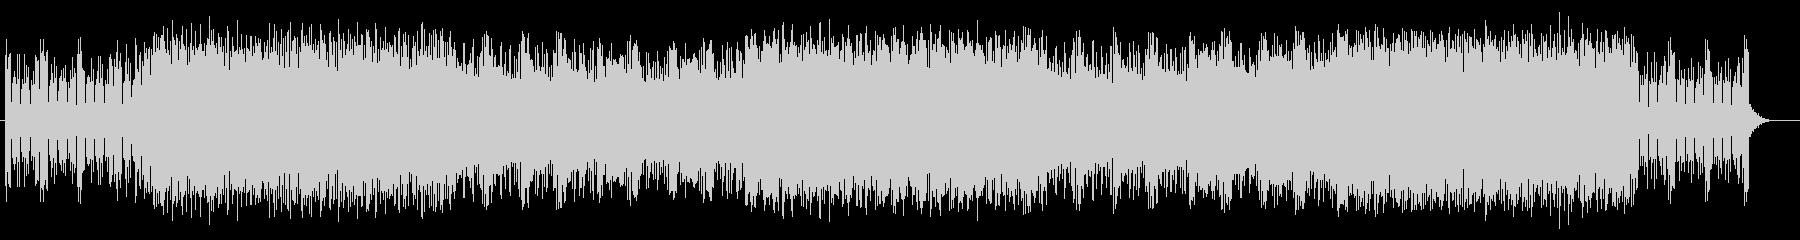 リズミカルなピアノが特徴の激しいポップスの未再生の波形